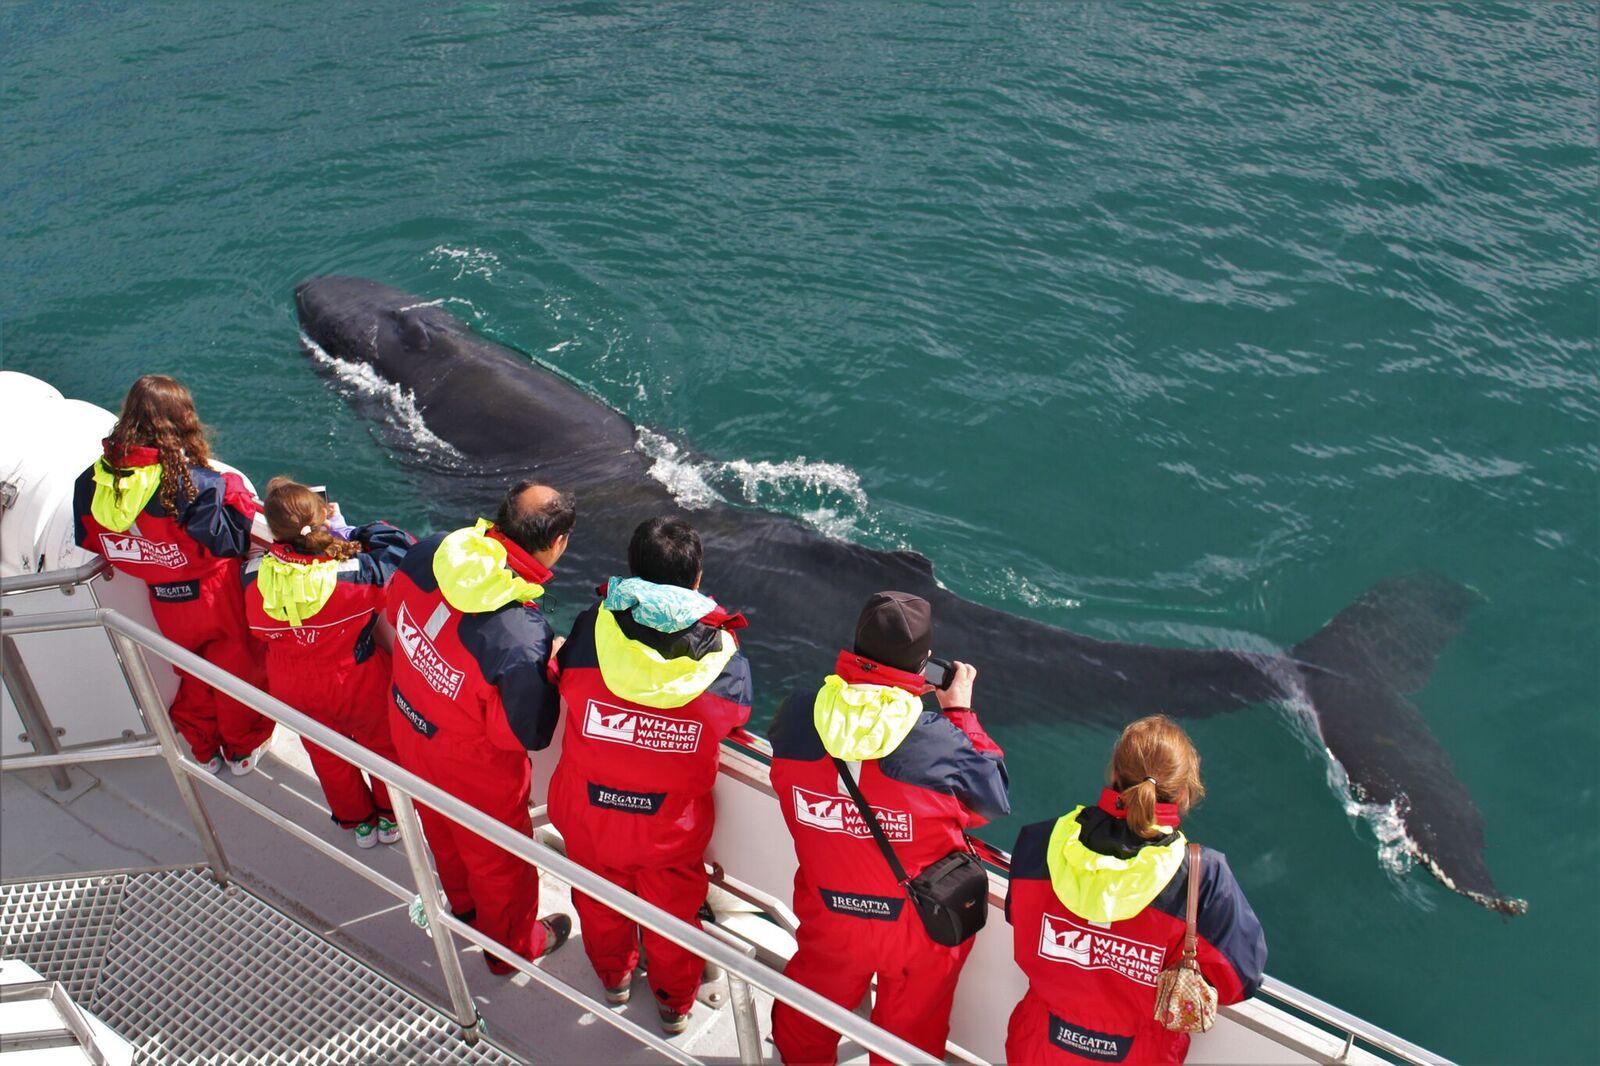 Varme kjeledresser tilbys på denne hvalsafarituren fra Akureyri.